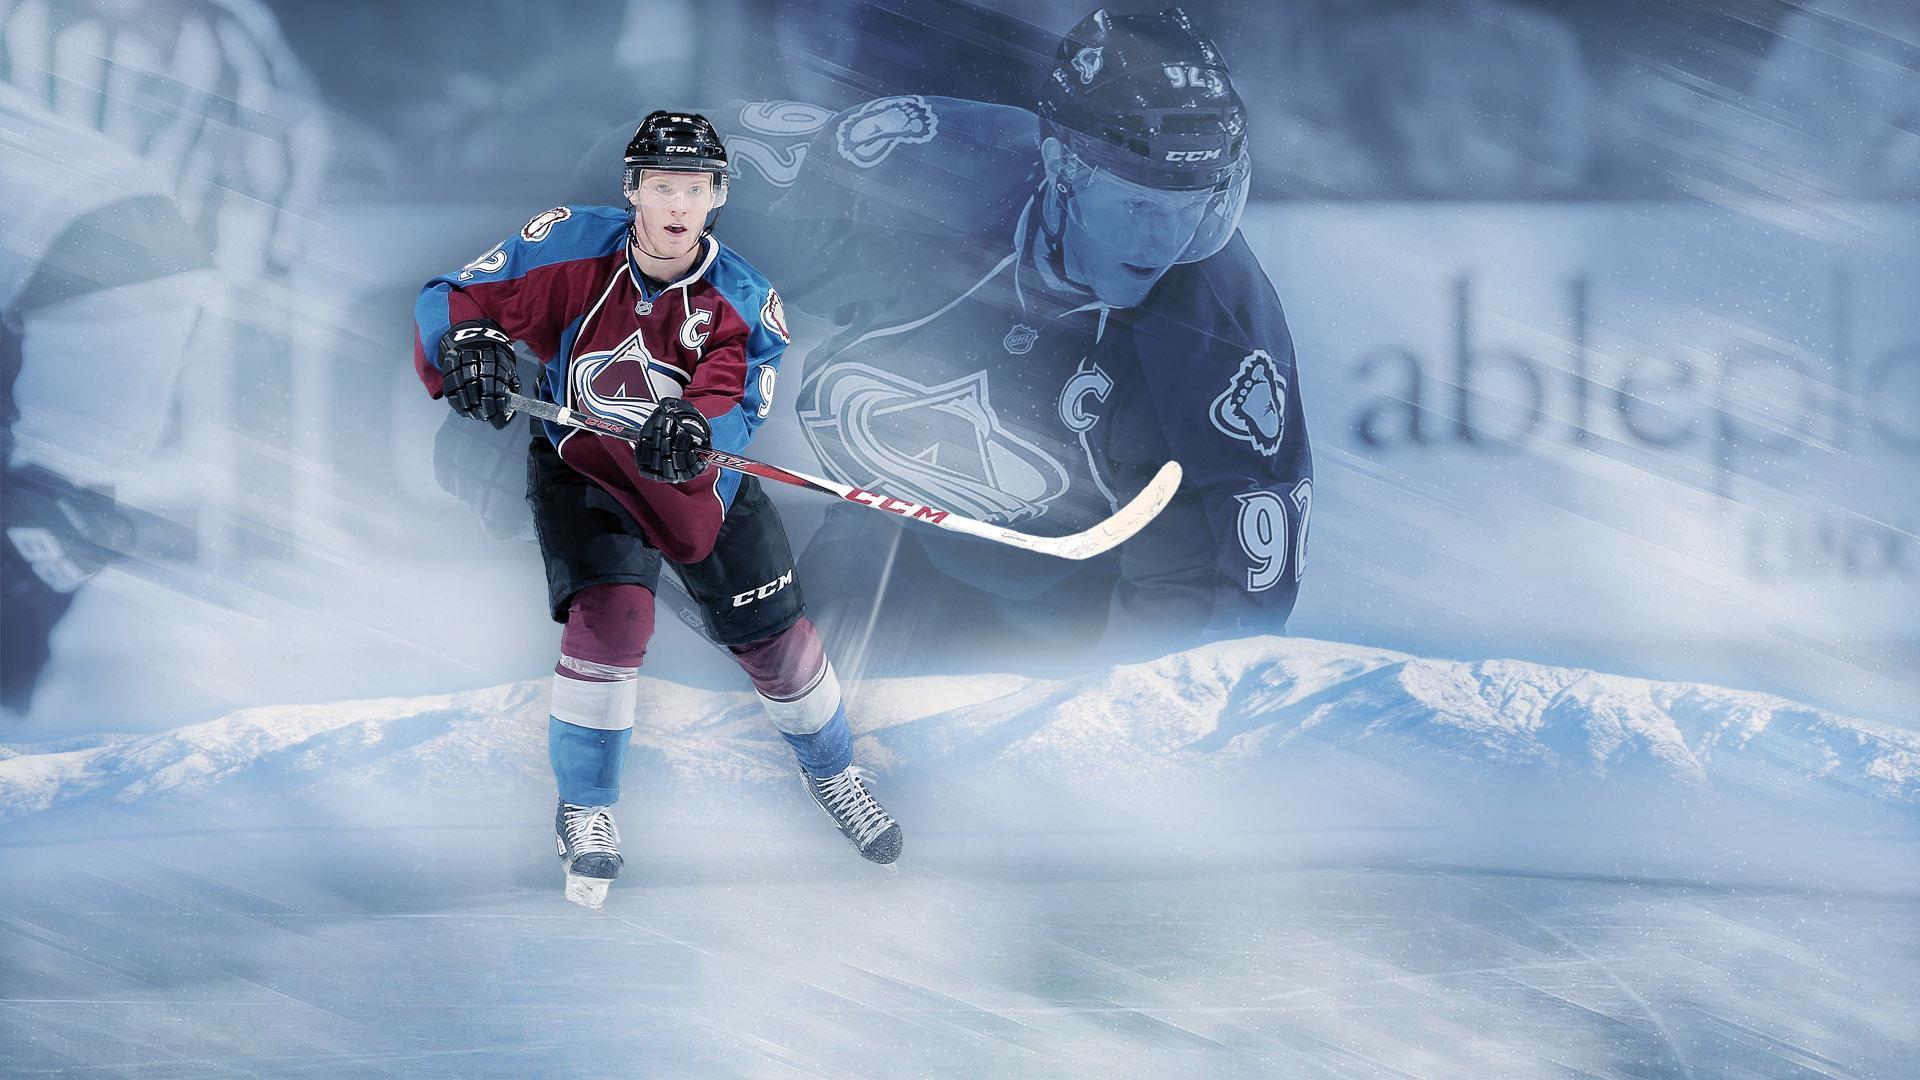 раскраски для детей и взрослых на тему хоккей | 1080x1920